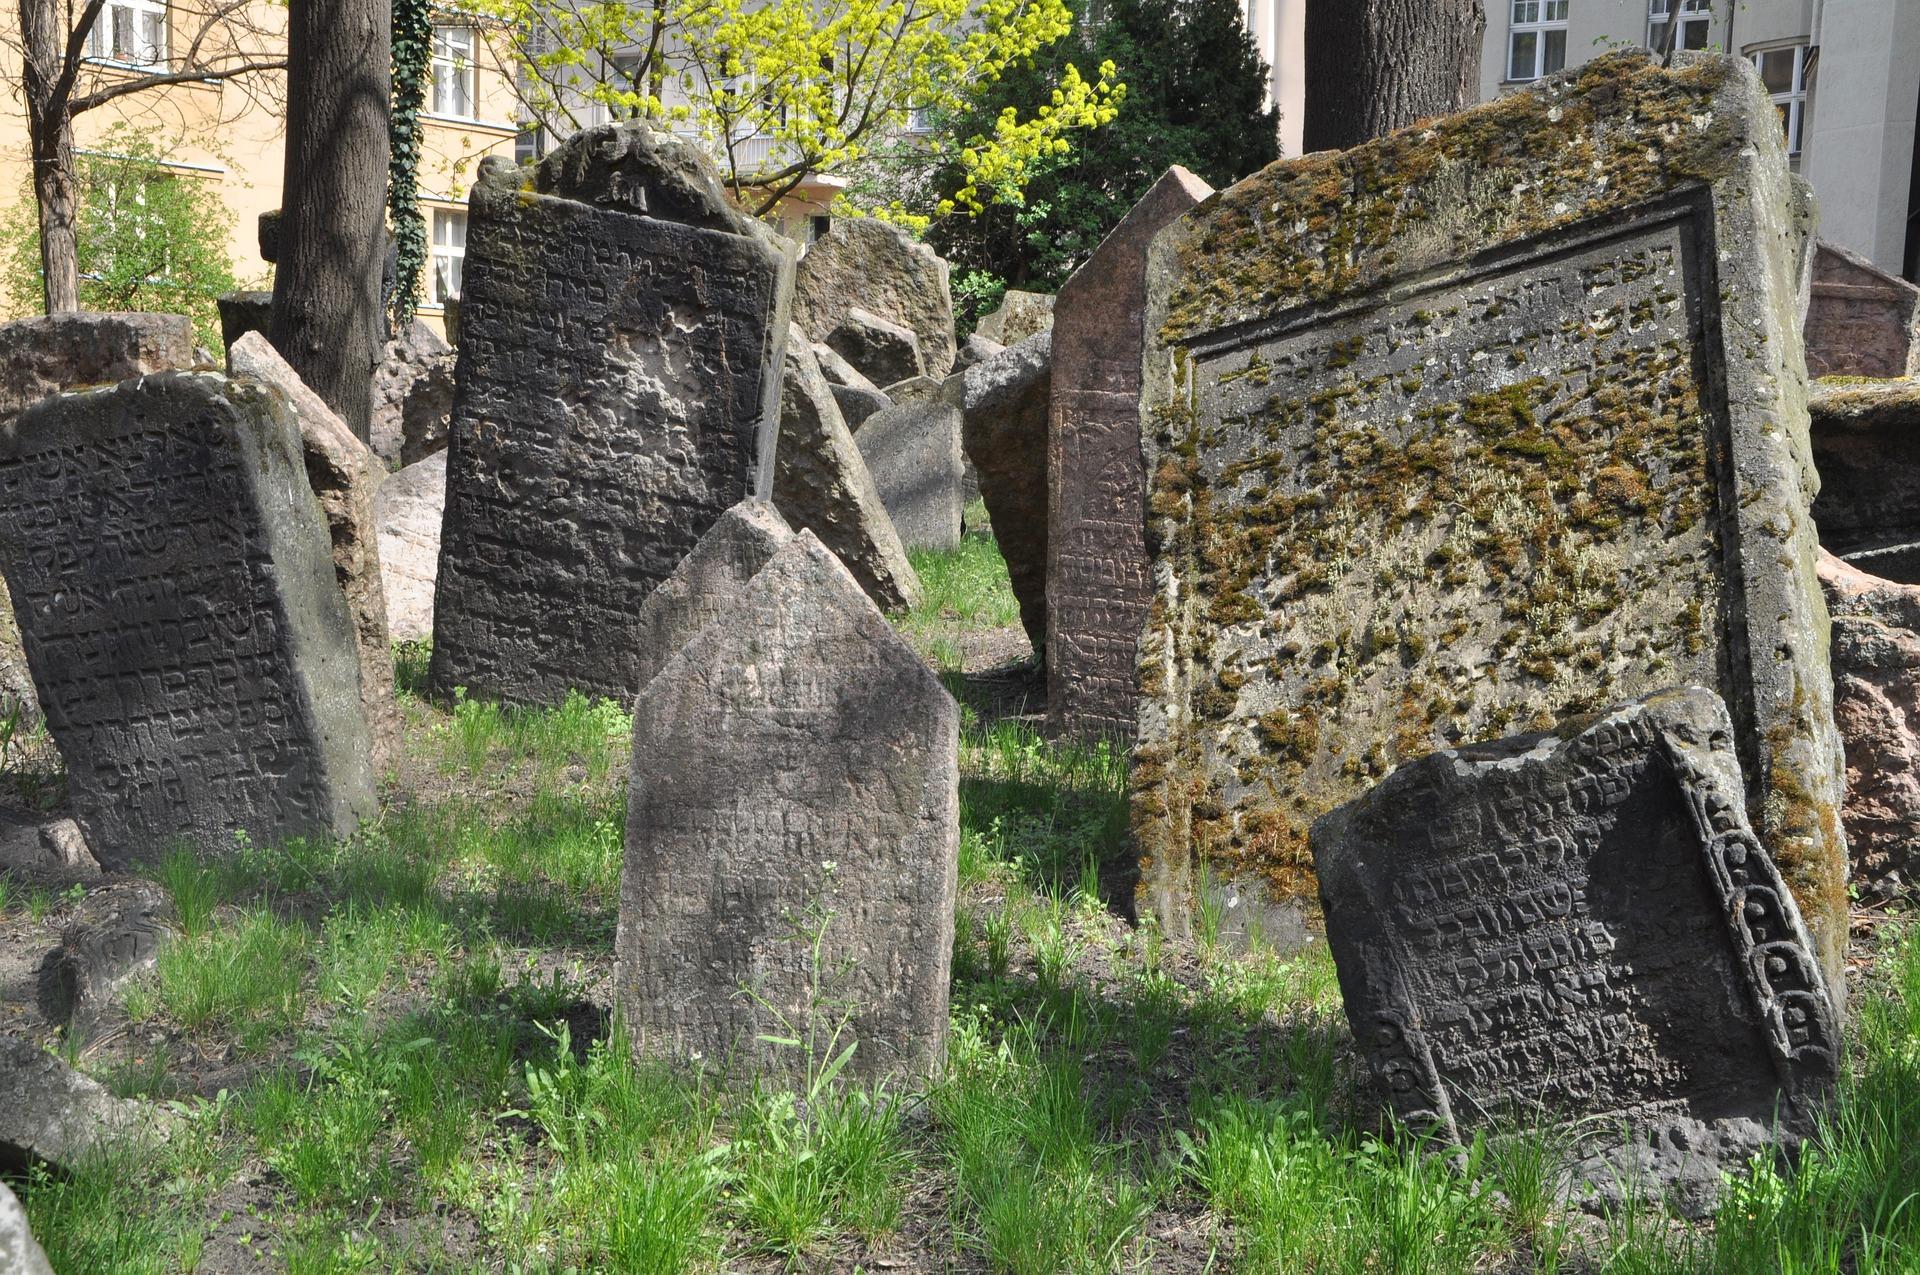 מהי קבורה אלטרנטיבית ולמי היא מתאימה?